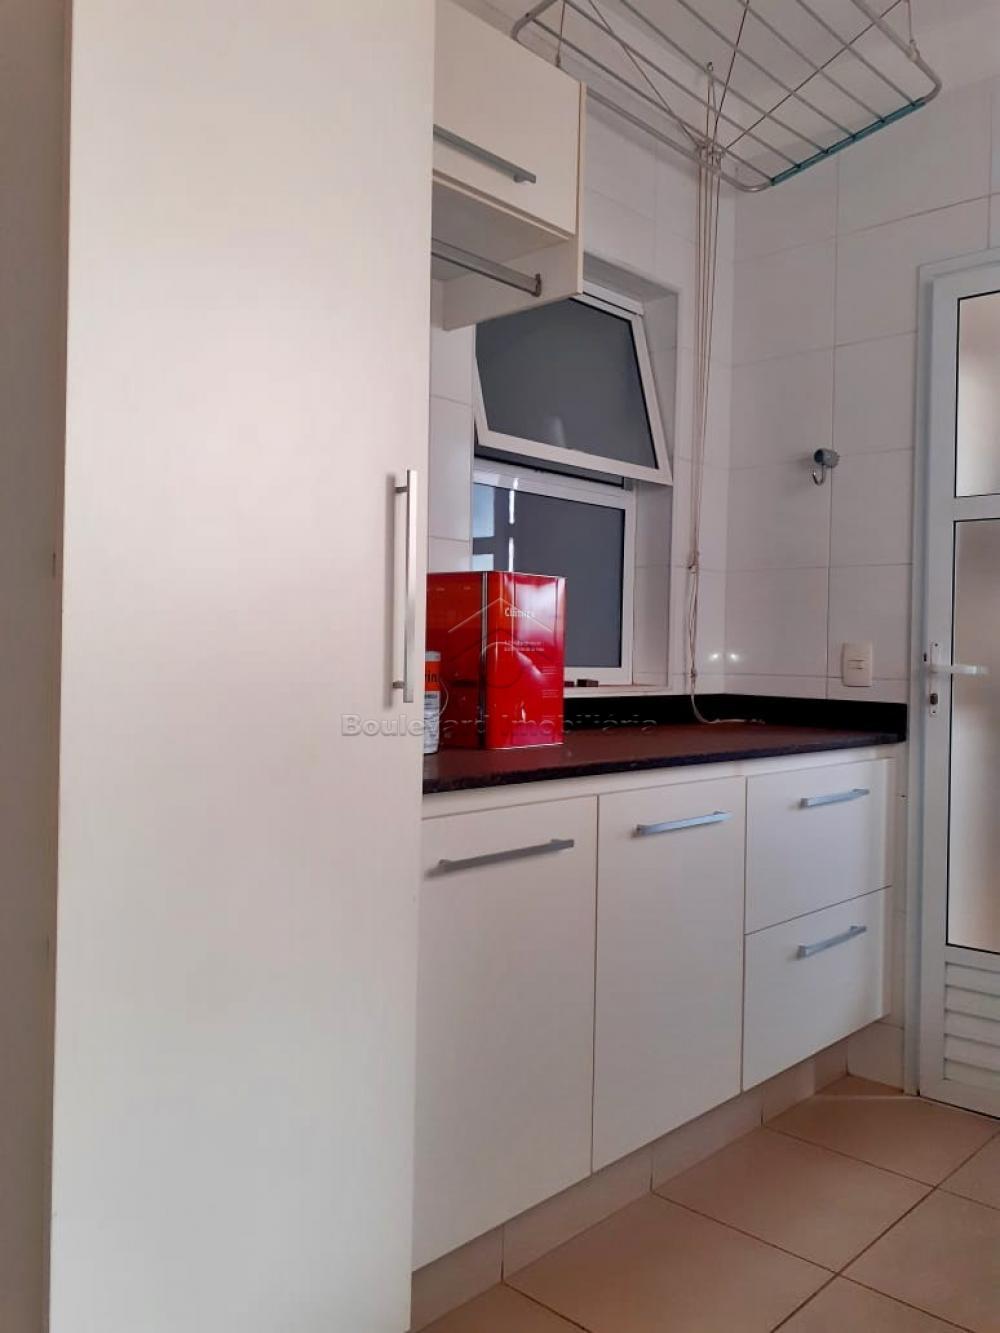 Alugar Apartamento / Padrão em Ribeirão Preto R$ 4.500,00 - Foto 50